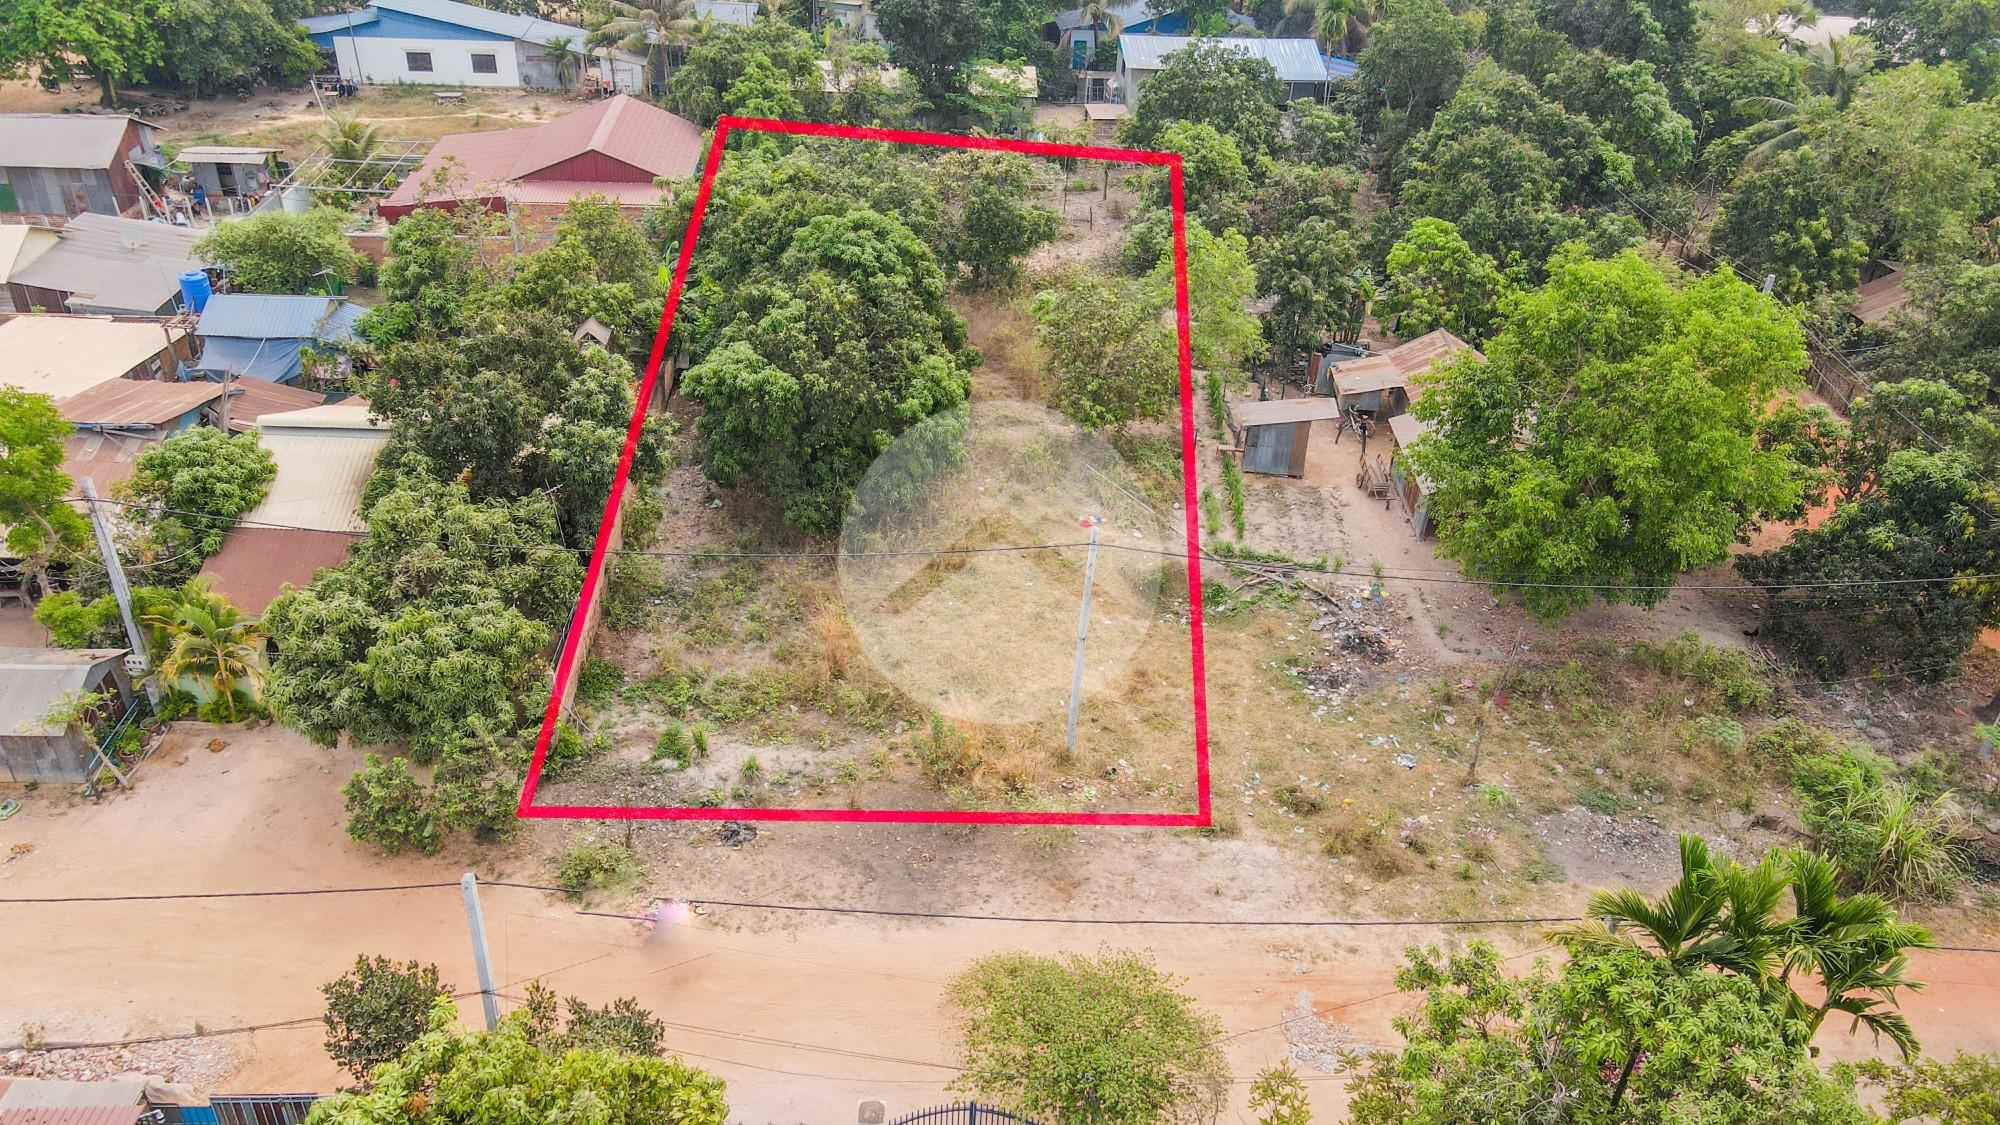 1020 Sqm Residential Land For Sale - Slor Kram, Siem Reap